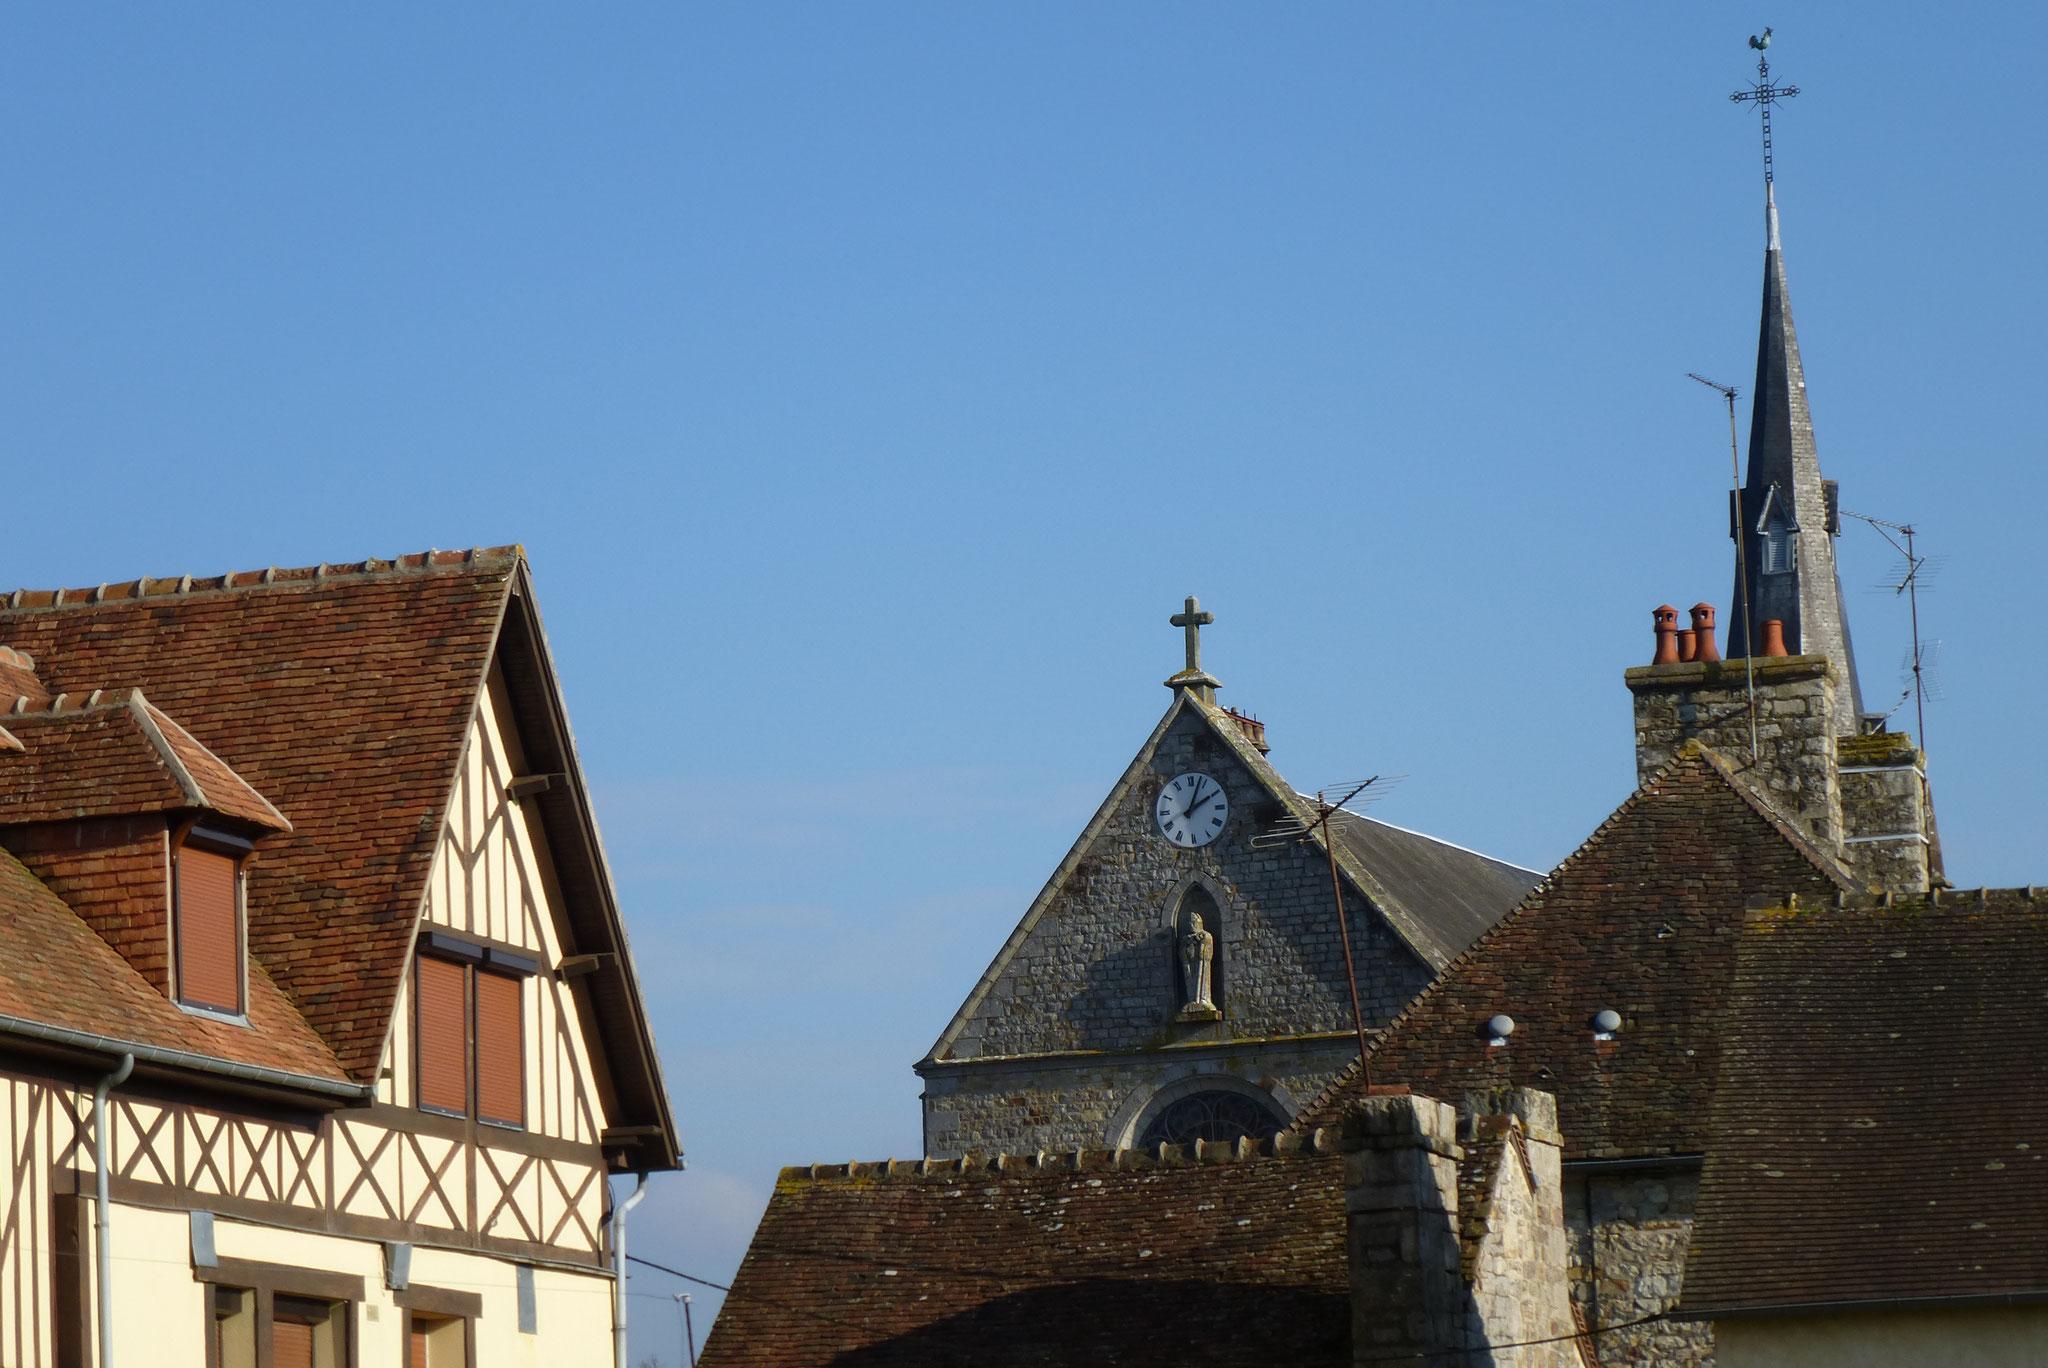 Eglise, Saint Front de Collière de Domfront